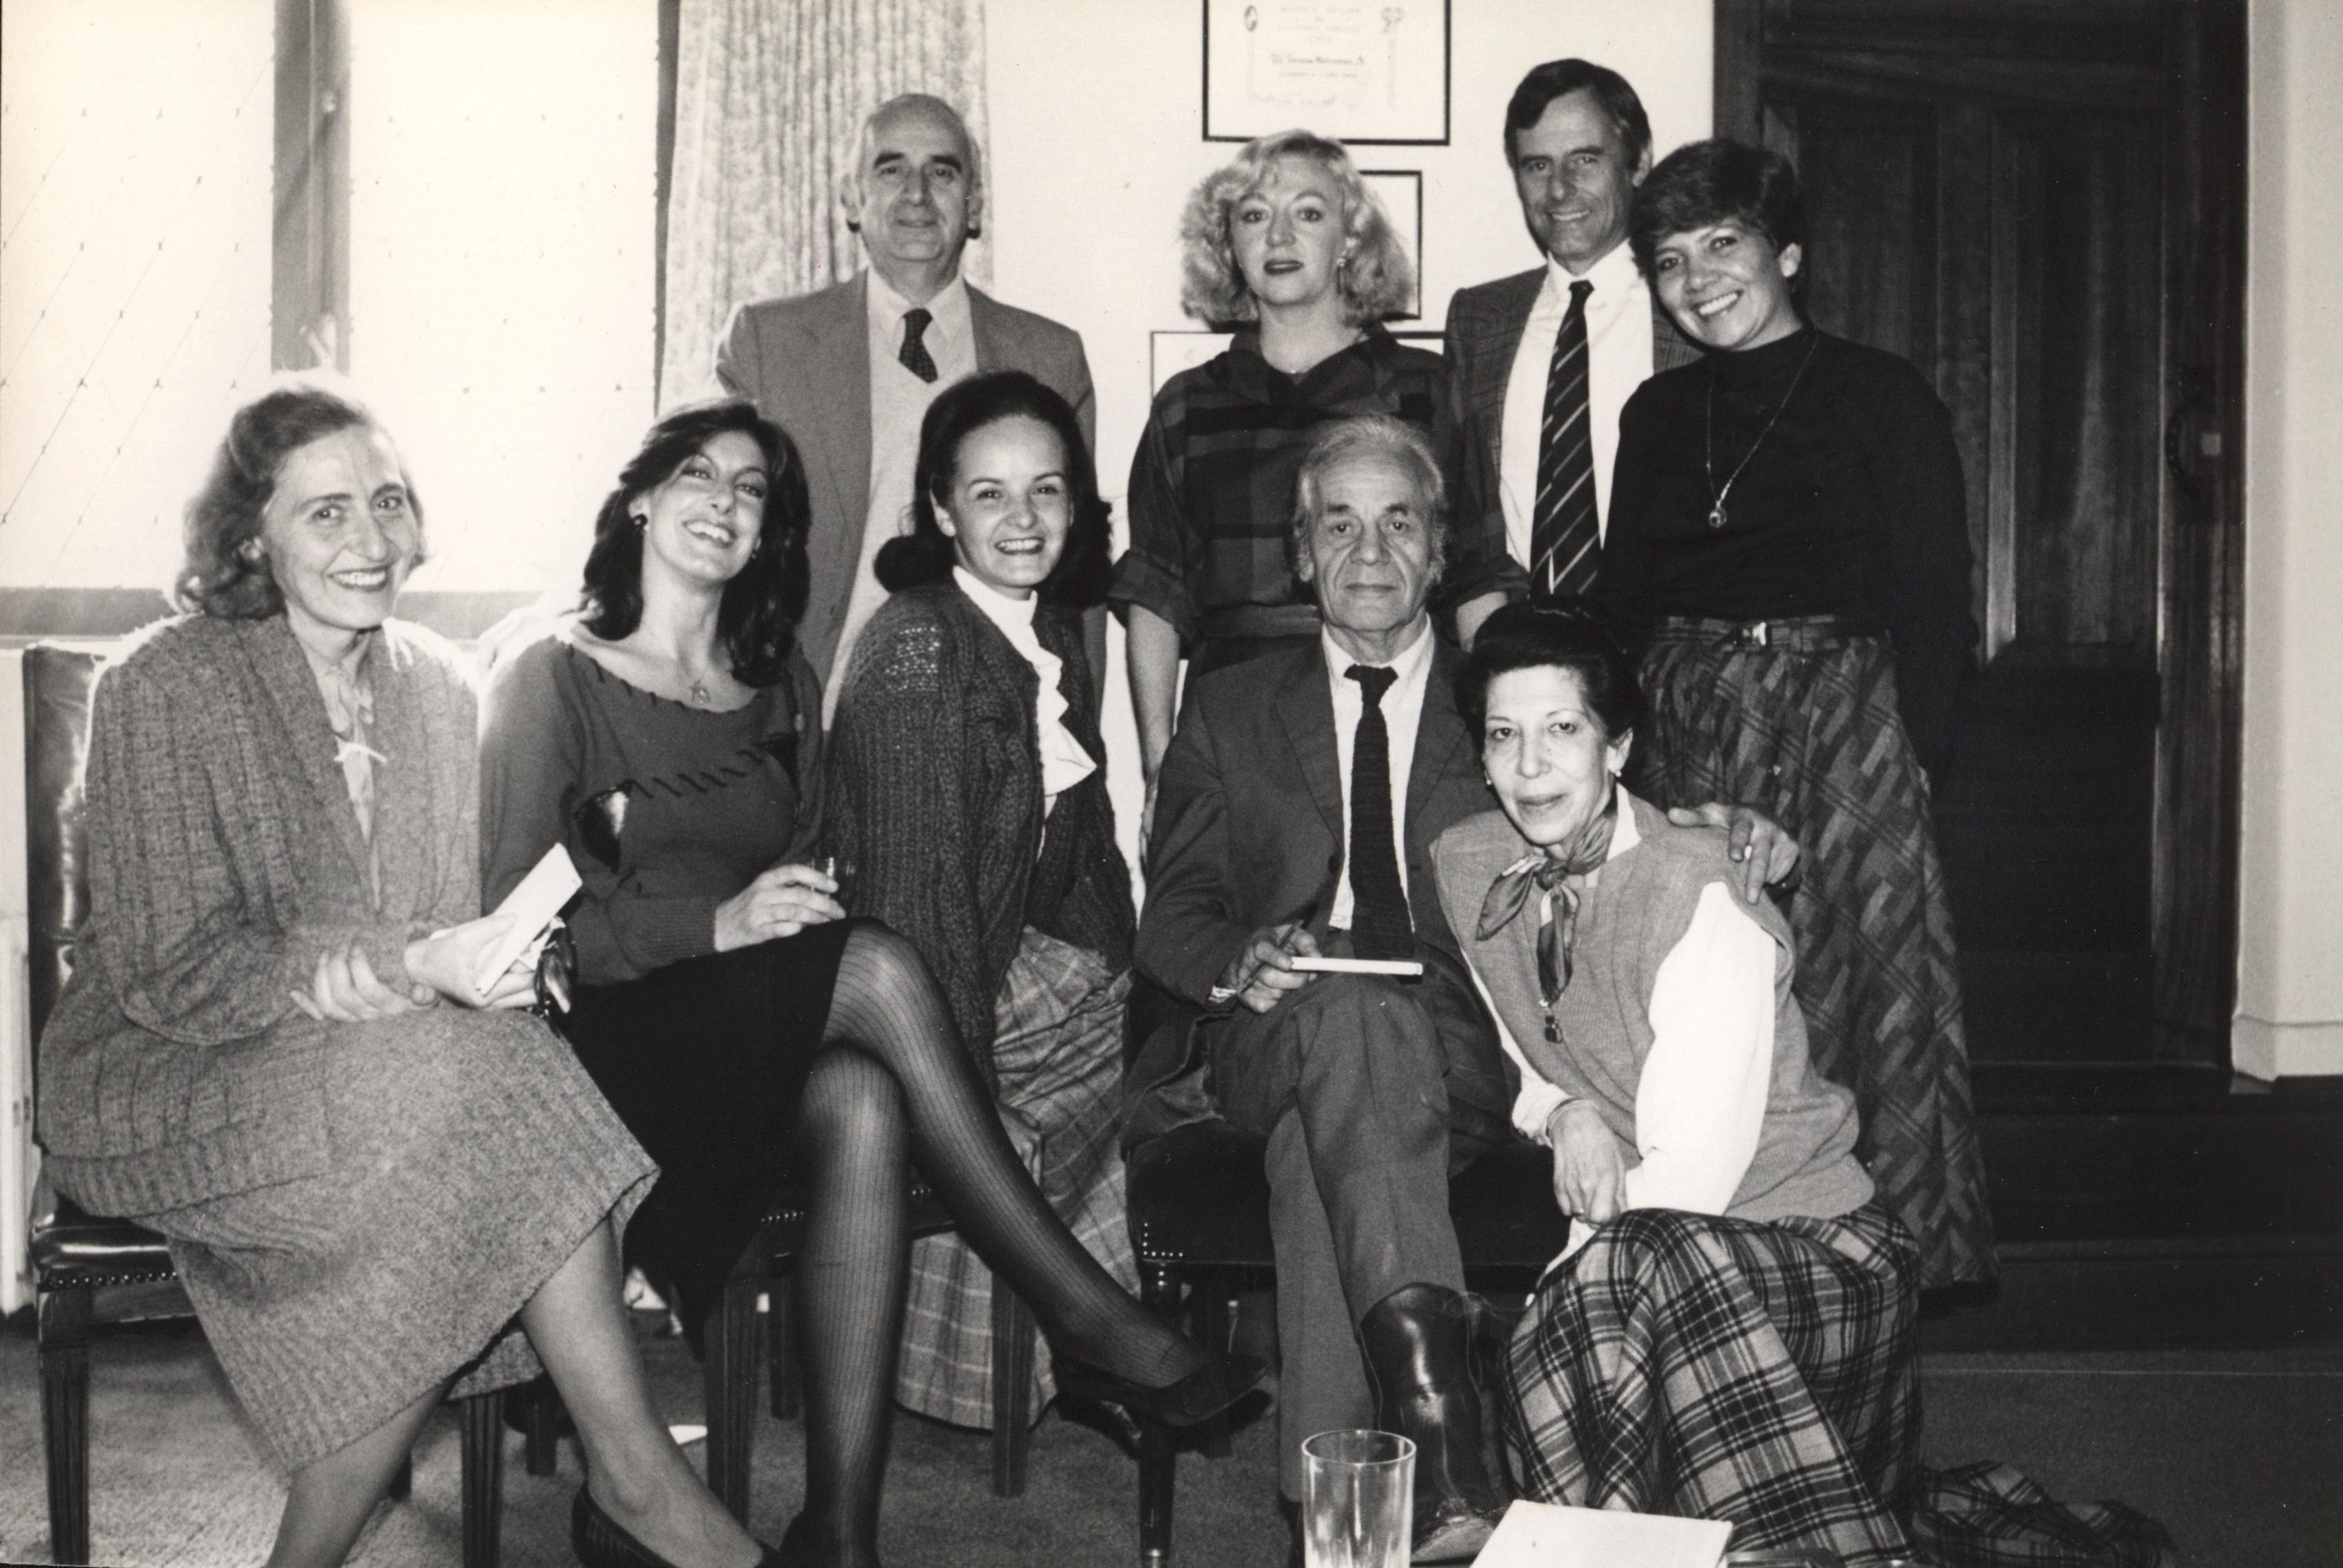 Parra (sentado) junto a William Thayer (arriba, al centro) y otras personas.